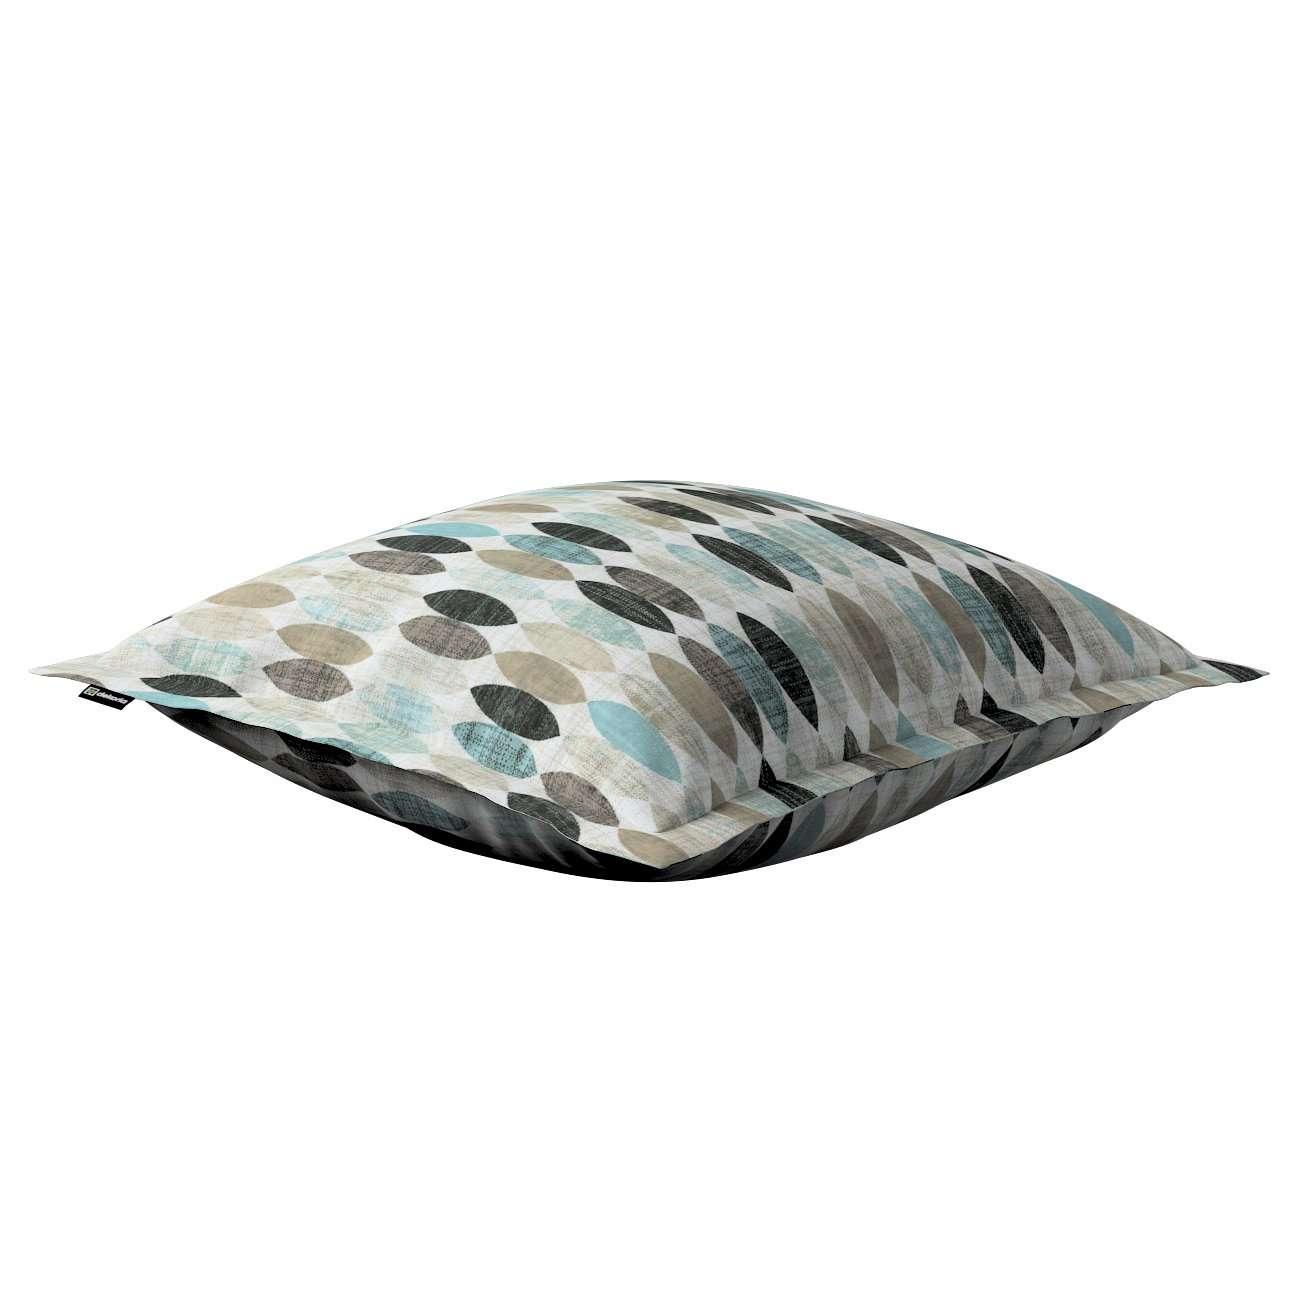 Mona dekoratyvinių pagalvėlių užvalkalas su sienele kolekcijoje Modern, audinys: 141-91